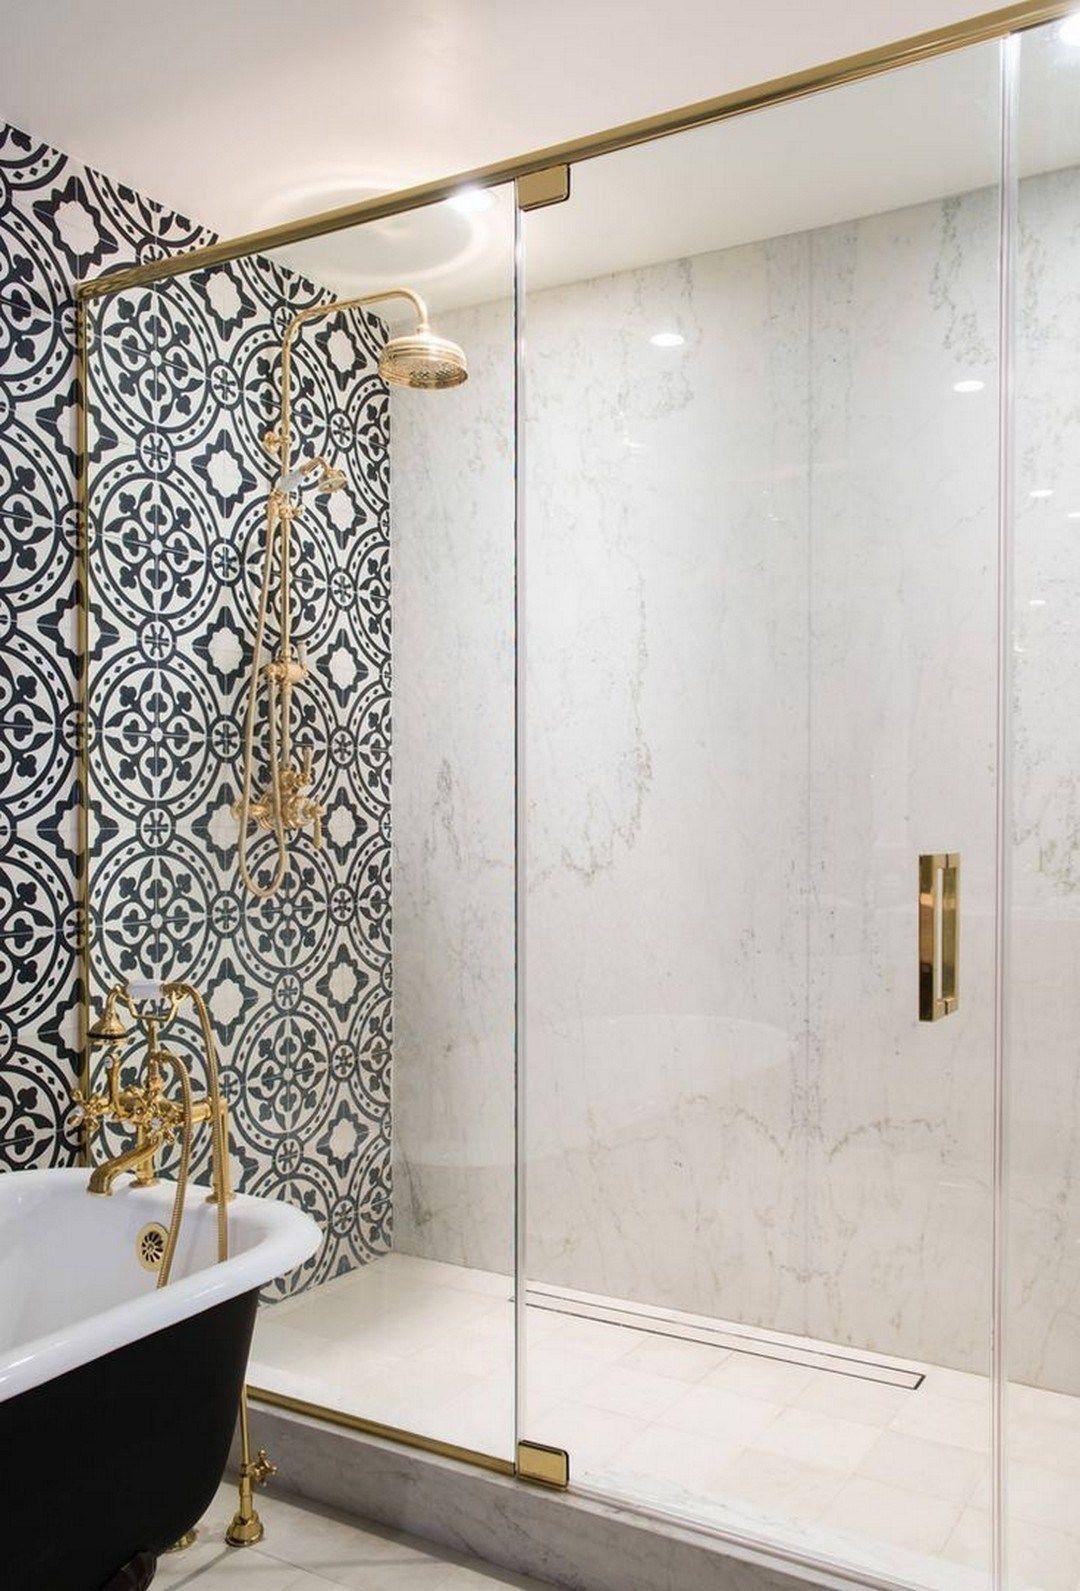 40 Superbes Idees De Douche Pour Votre Prochaine Salle De Bain Reno Styles De Salles De Bain Salle De Bains Espagnole Salle De Bain Design